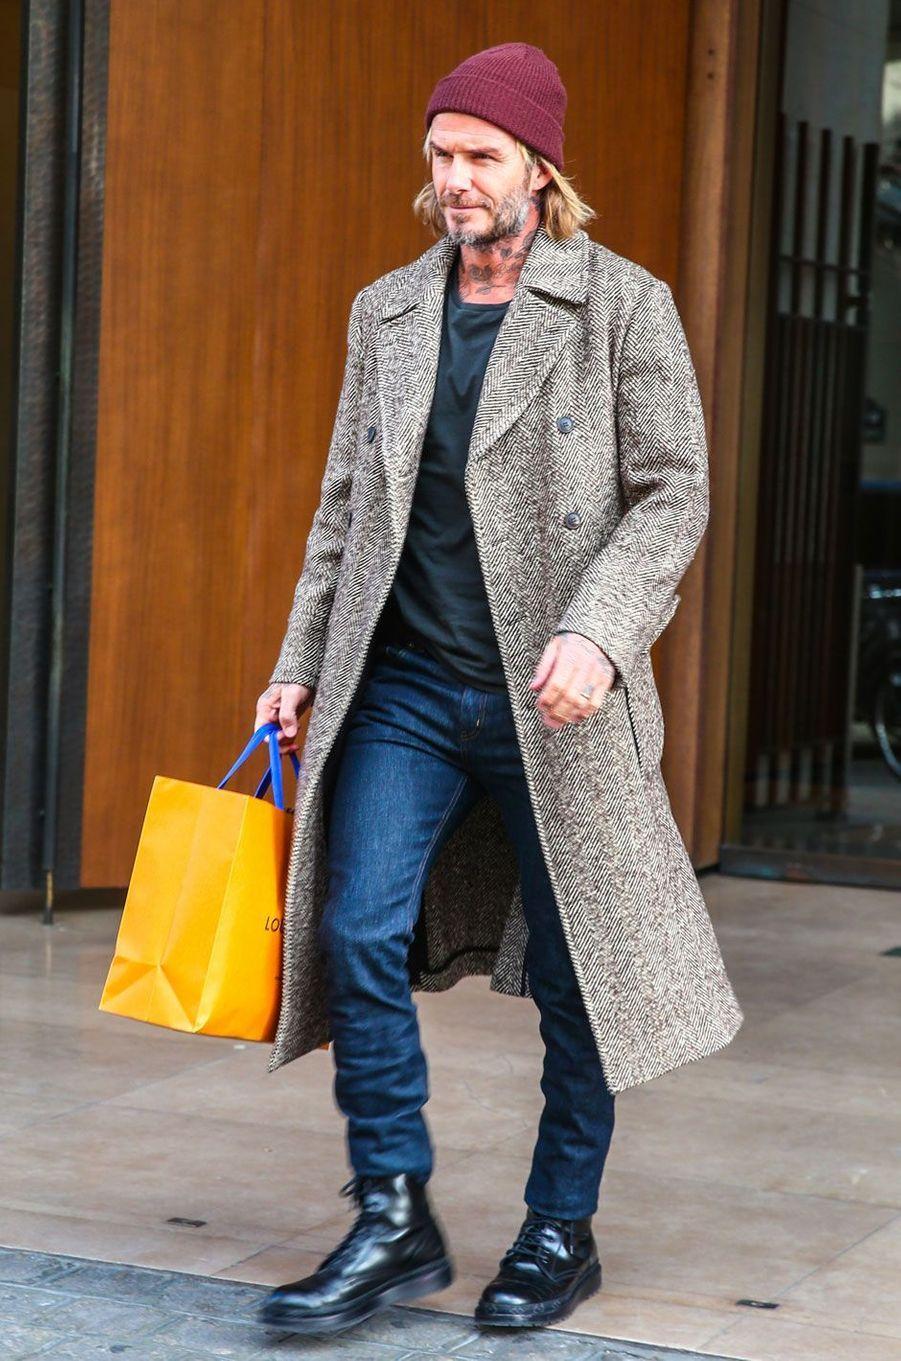 David Beckham sortant de la boutique Louis Vuitton à Paris le 17 janvier 2018